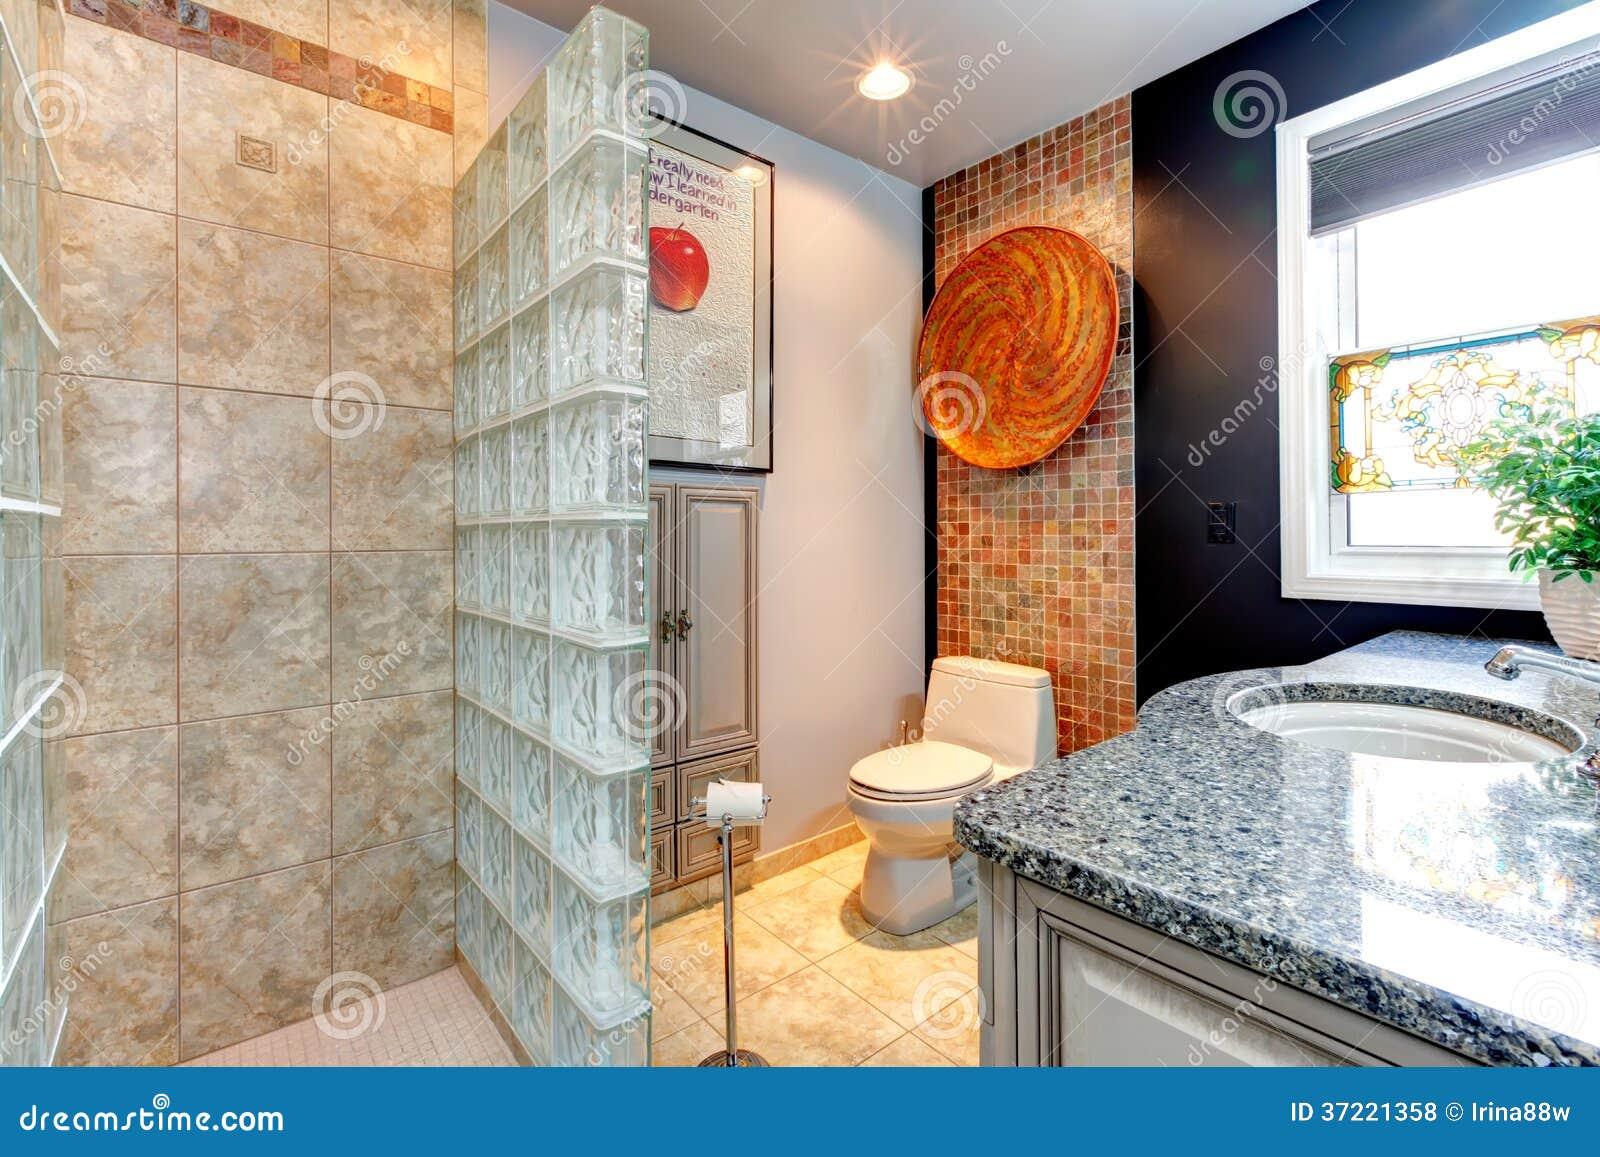 Cuartos De Baño Con Ducha Fotos:Pequeño cuarto de baño brillante con la ducha abierta de la pared de